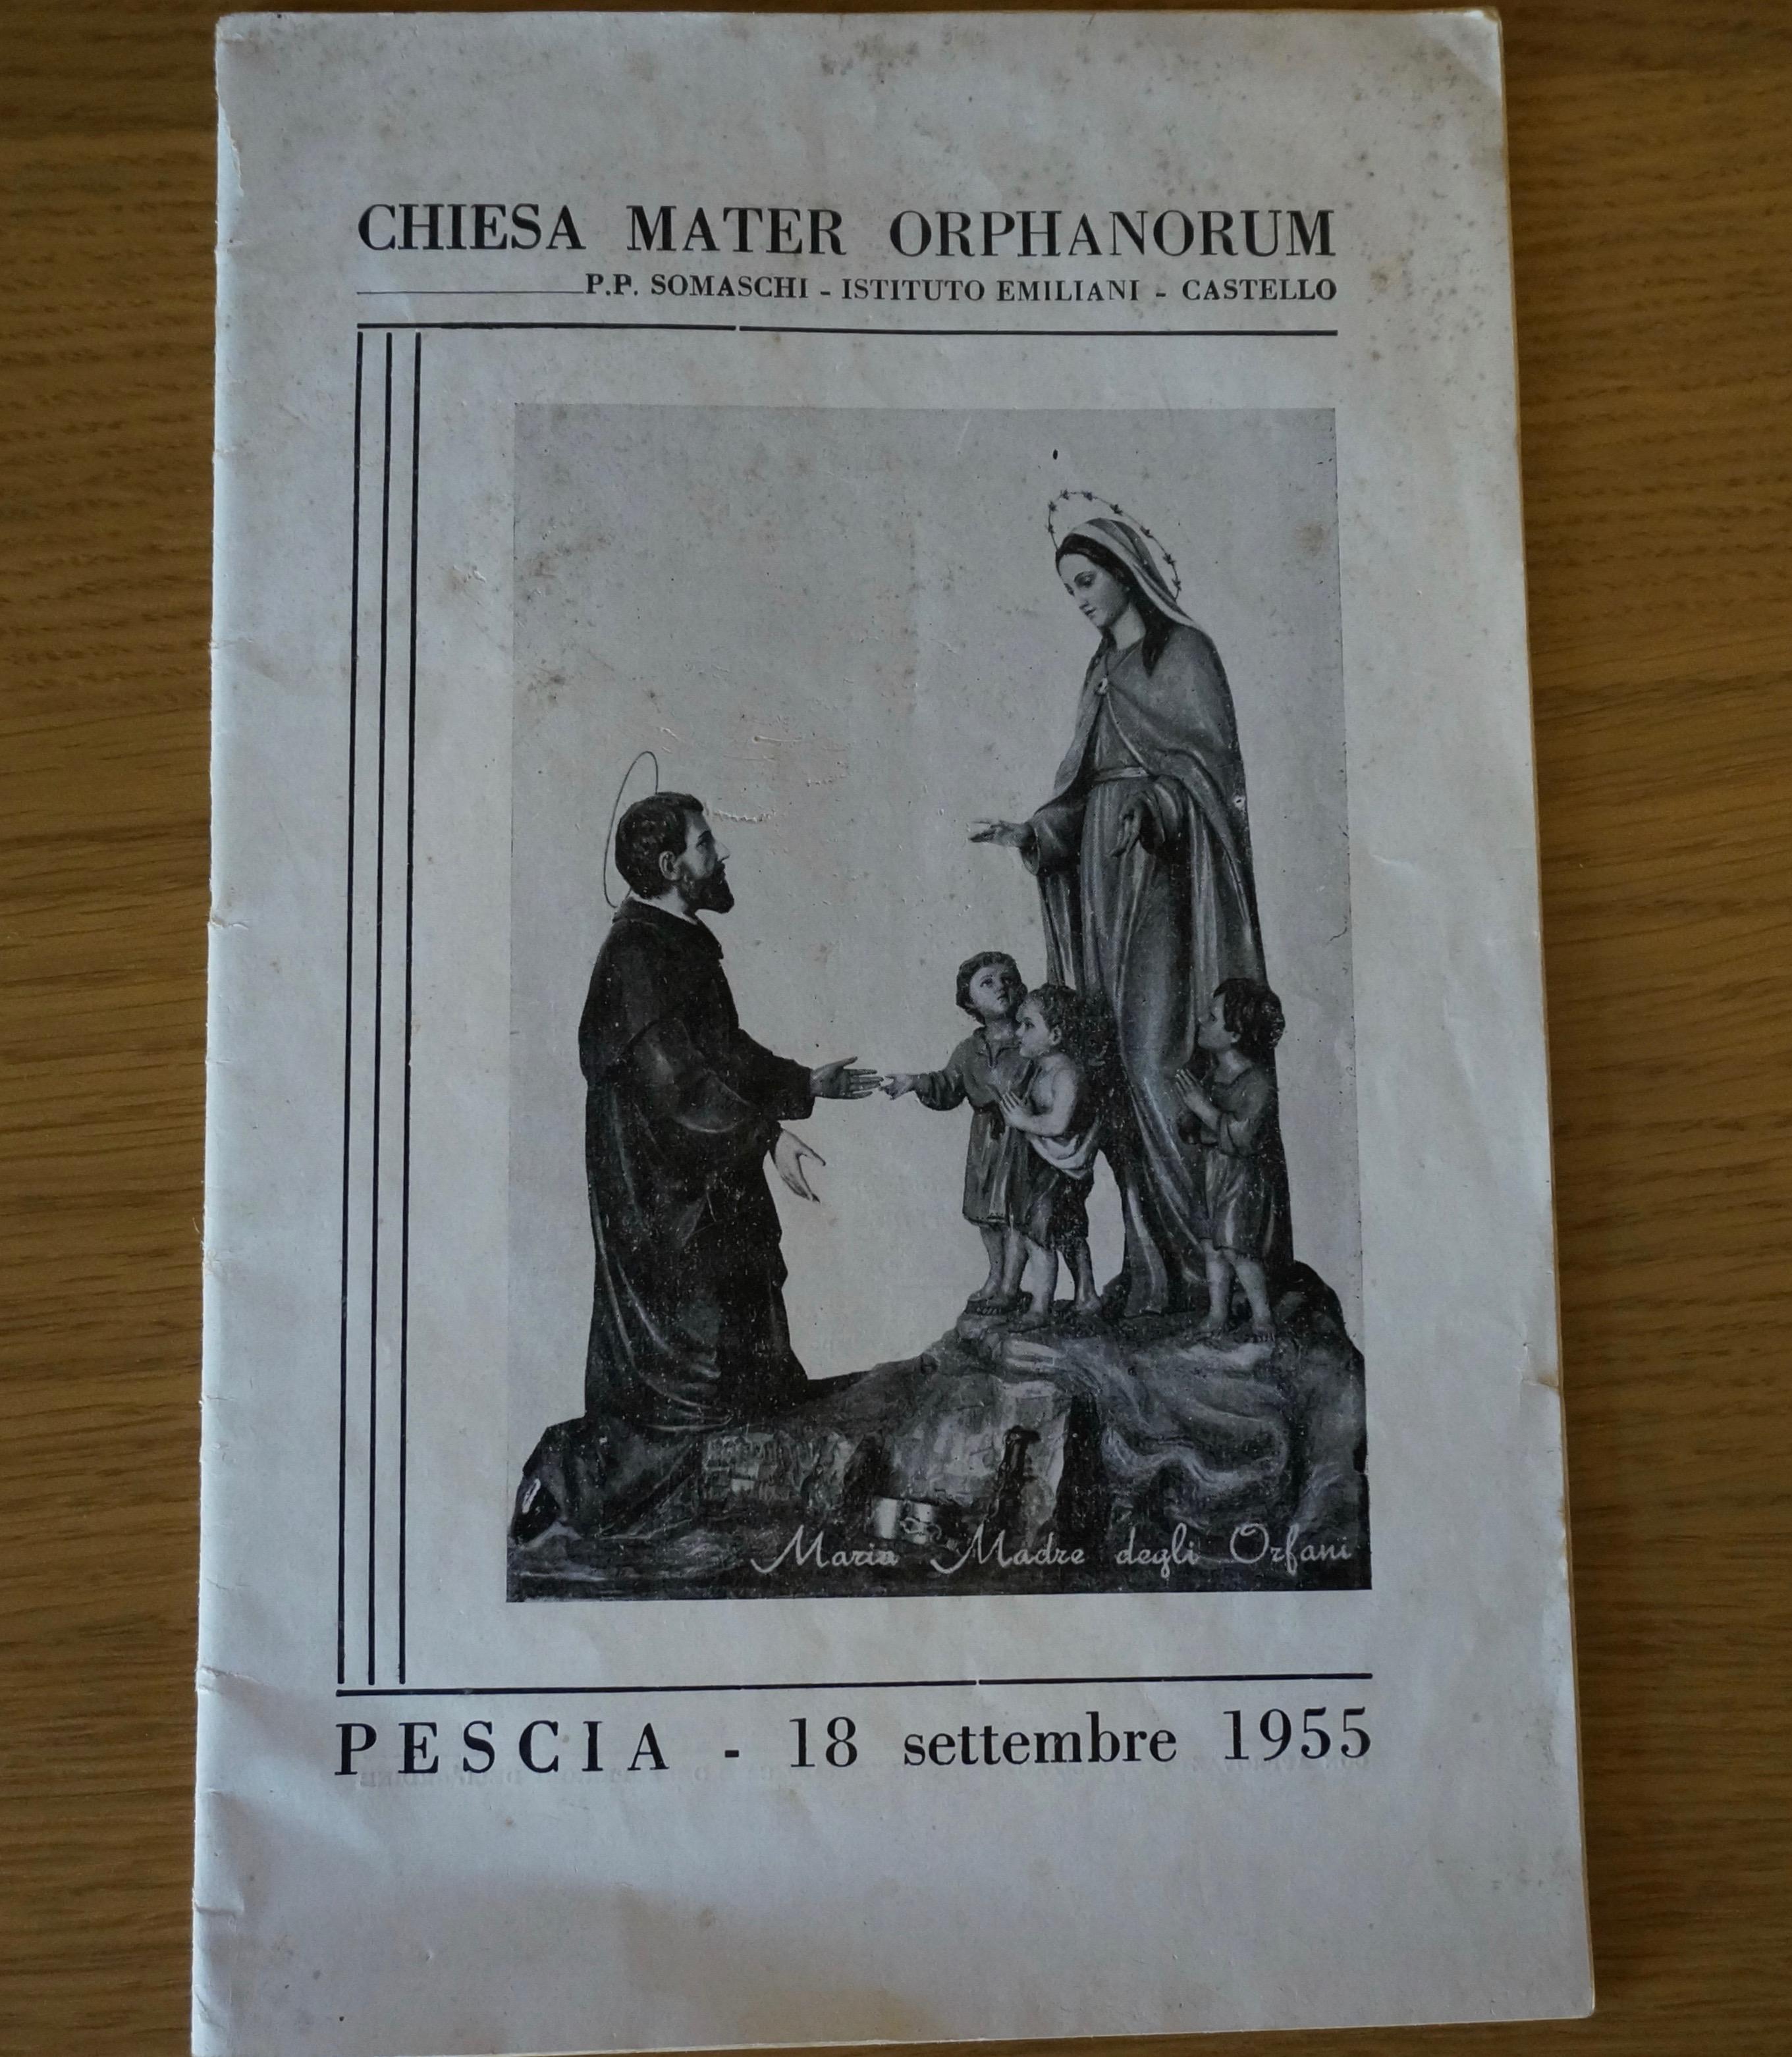 locandina chiesa mater orphanorum Somaschi castello pescia